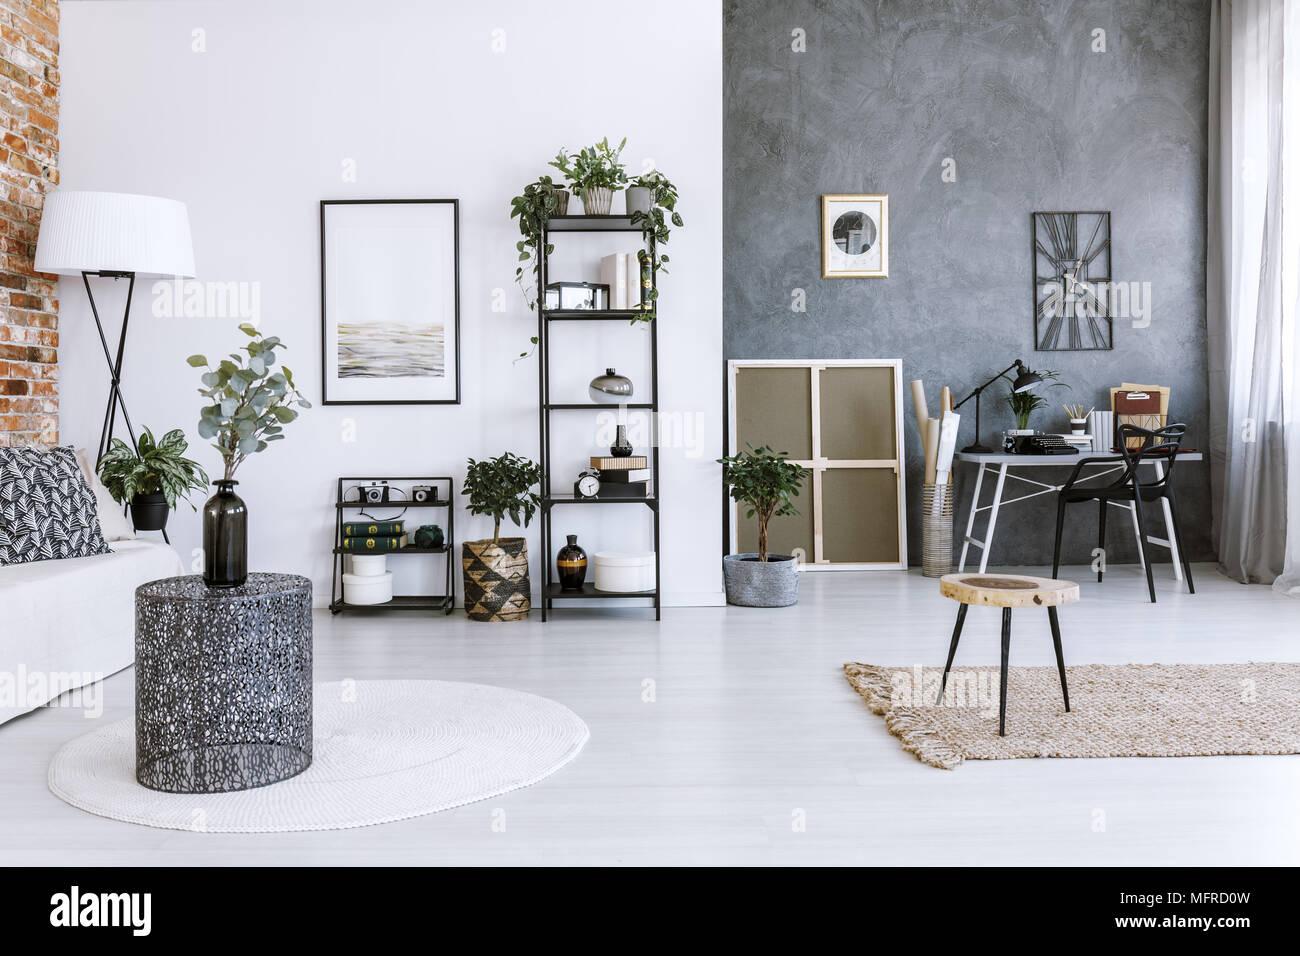 Oficina en casa gris metálico con plantas, mesa de café y materias, muro de hormigón Imagen De Stock